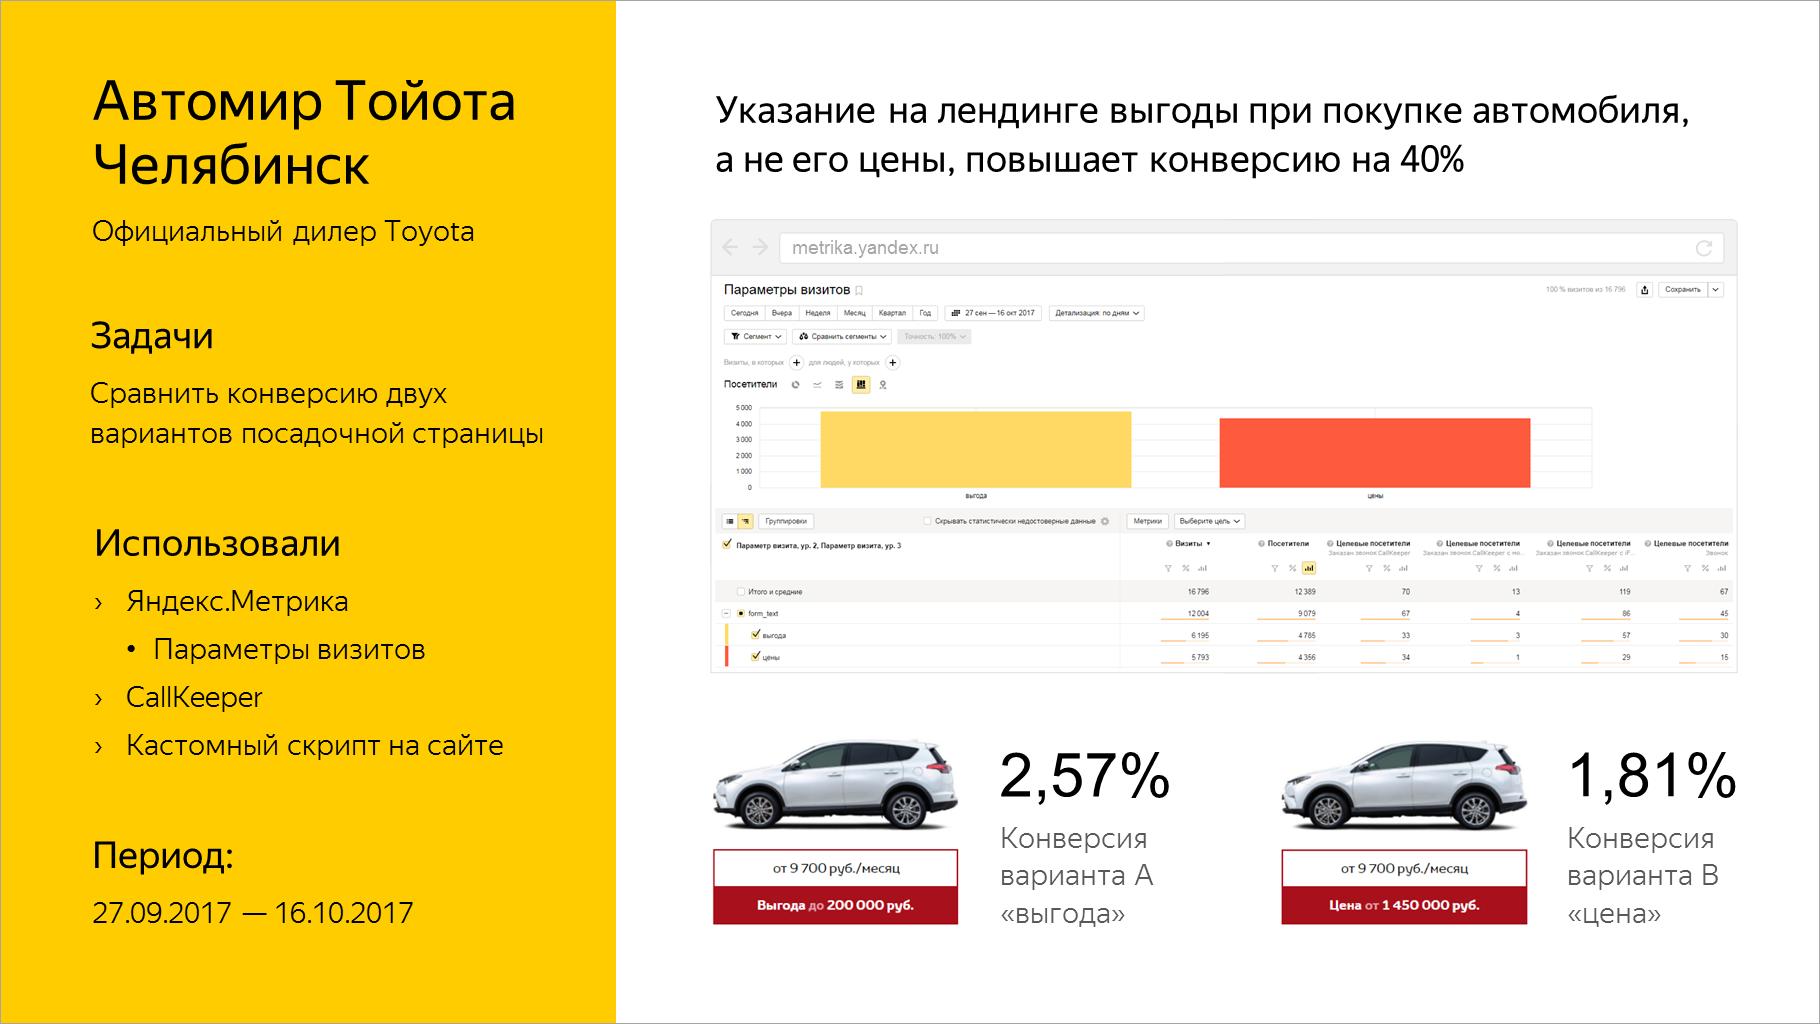 Указание на лендинге выгоды при покупке автомобиля, а не его цены, повышает конверсию на 40%